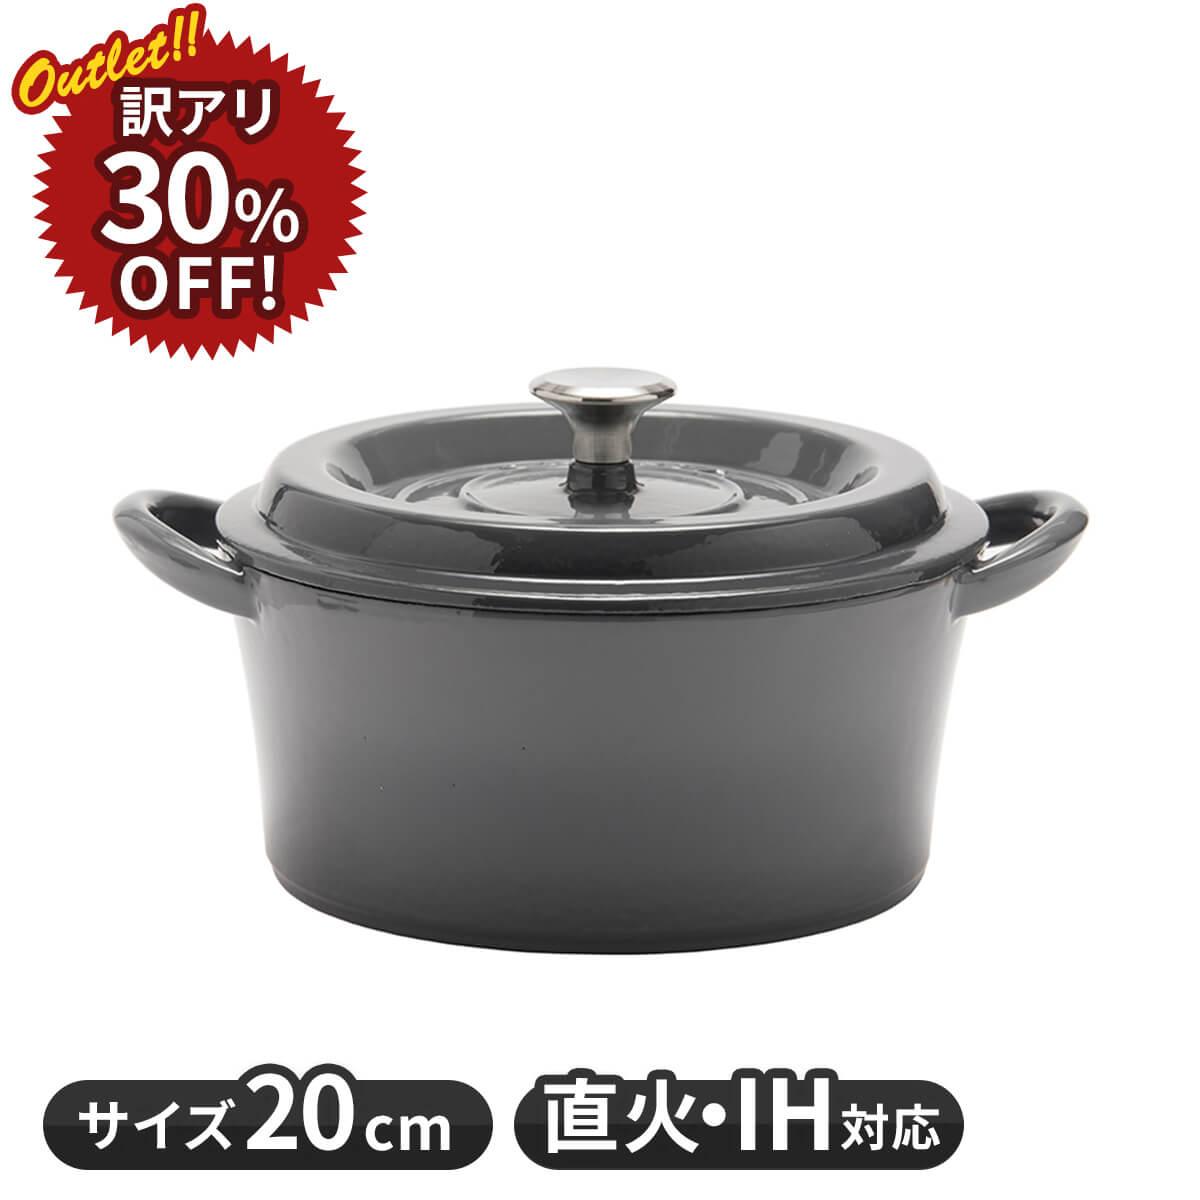 【アウトレットセール30%オフ/訳あり】グッドプラス キャストポット20�グレー(鉄鋳物ホーロー鍋)